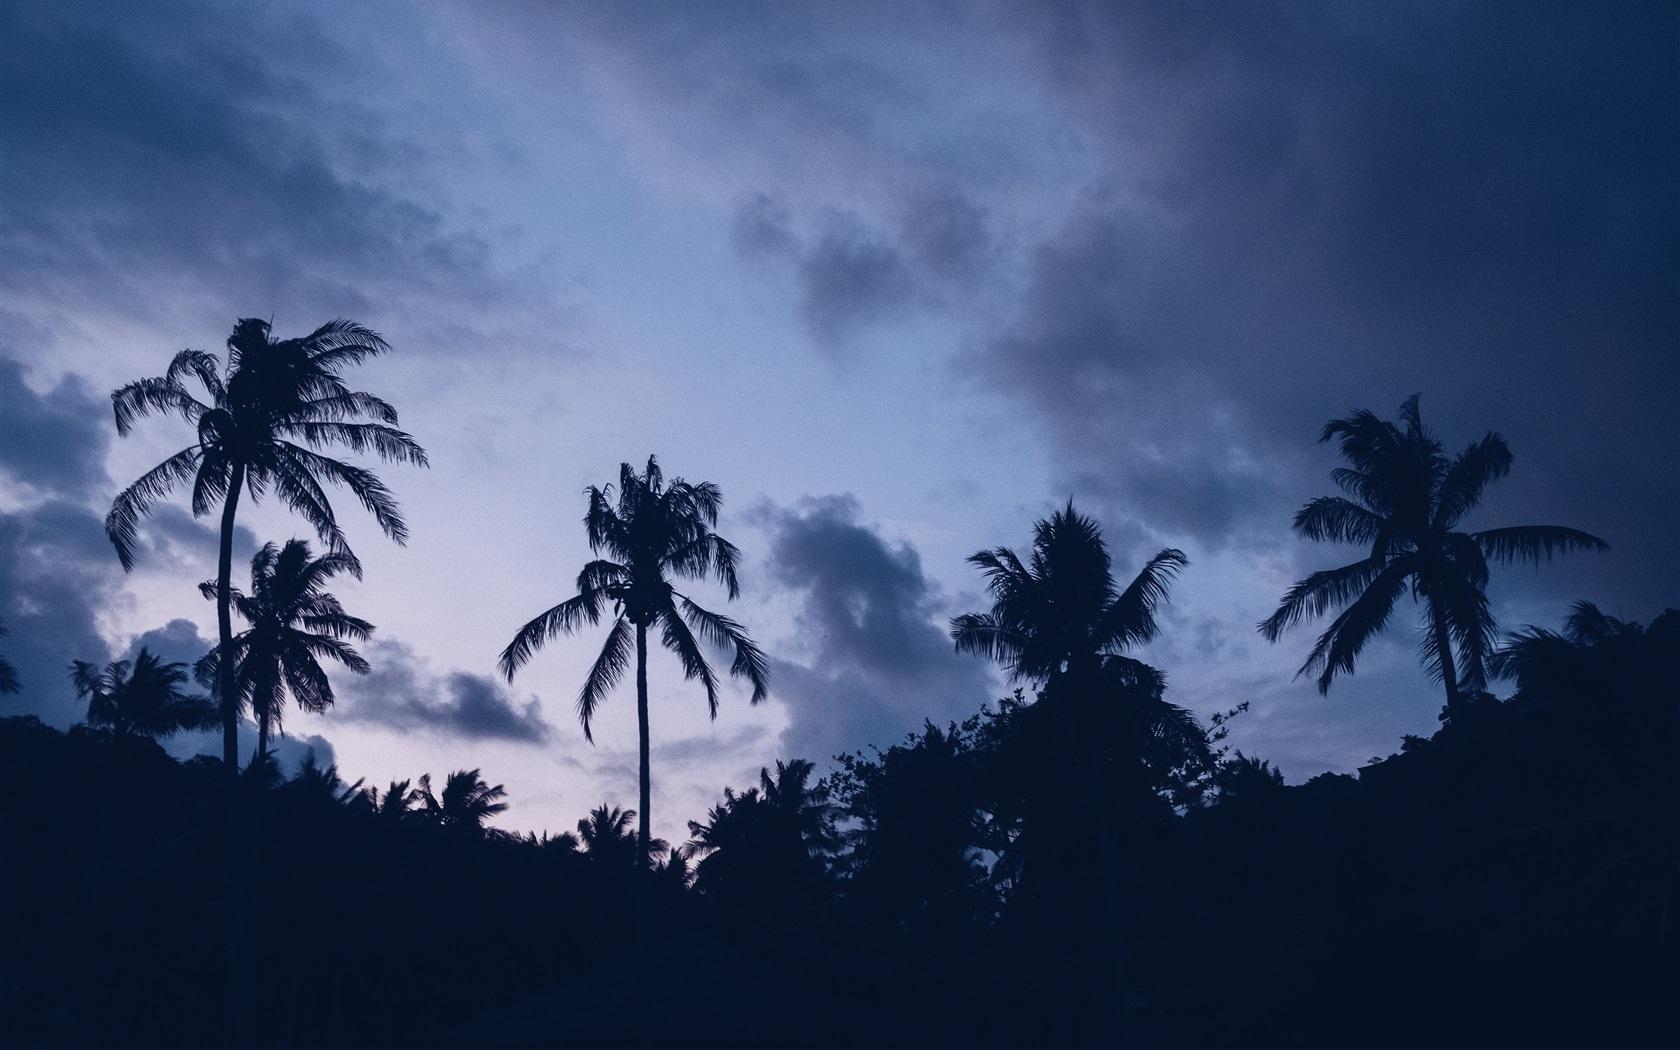 壁紙 ヤシの木 夕暮れ シルエット 3840x2160 Uhd 4k 無料のデスクトップの背景 画像